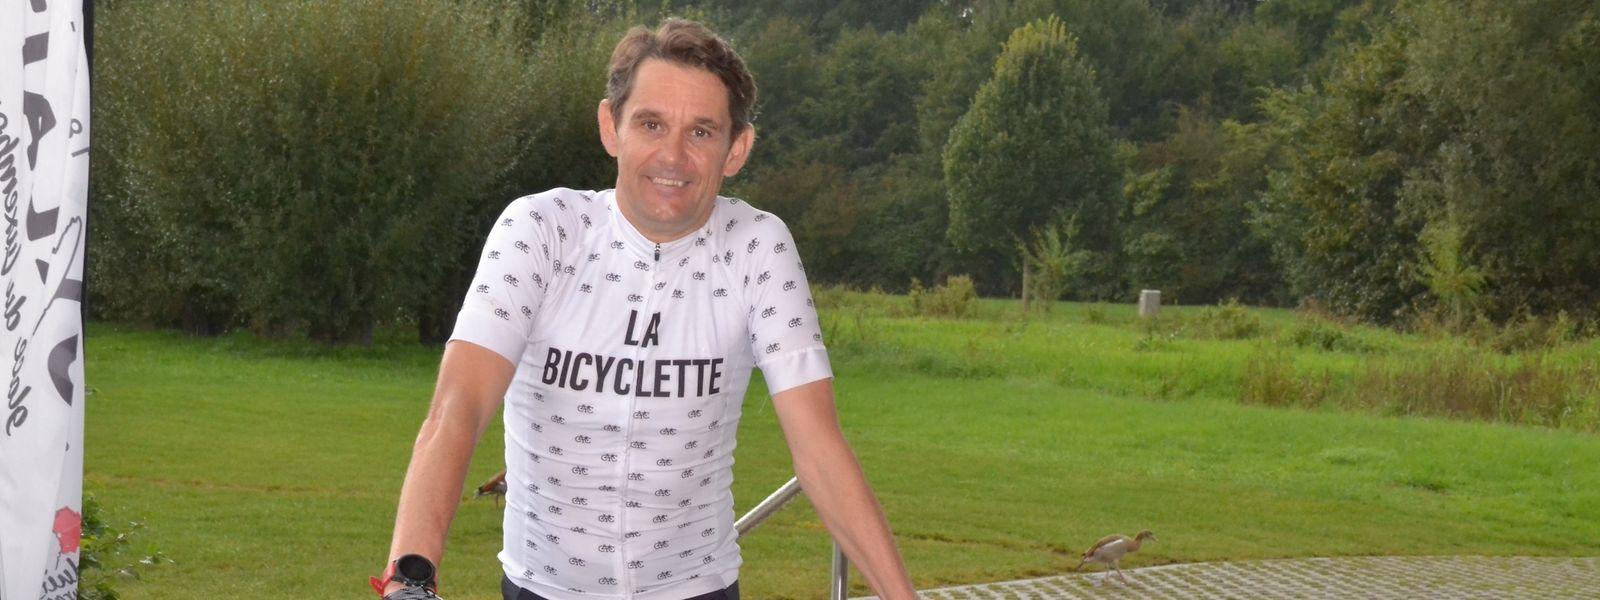 Um das Essverhalten der Menschen zu hinterfragen, radelt Romain Possing 553 Kilometer bis nach Basel.